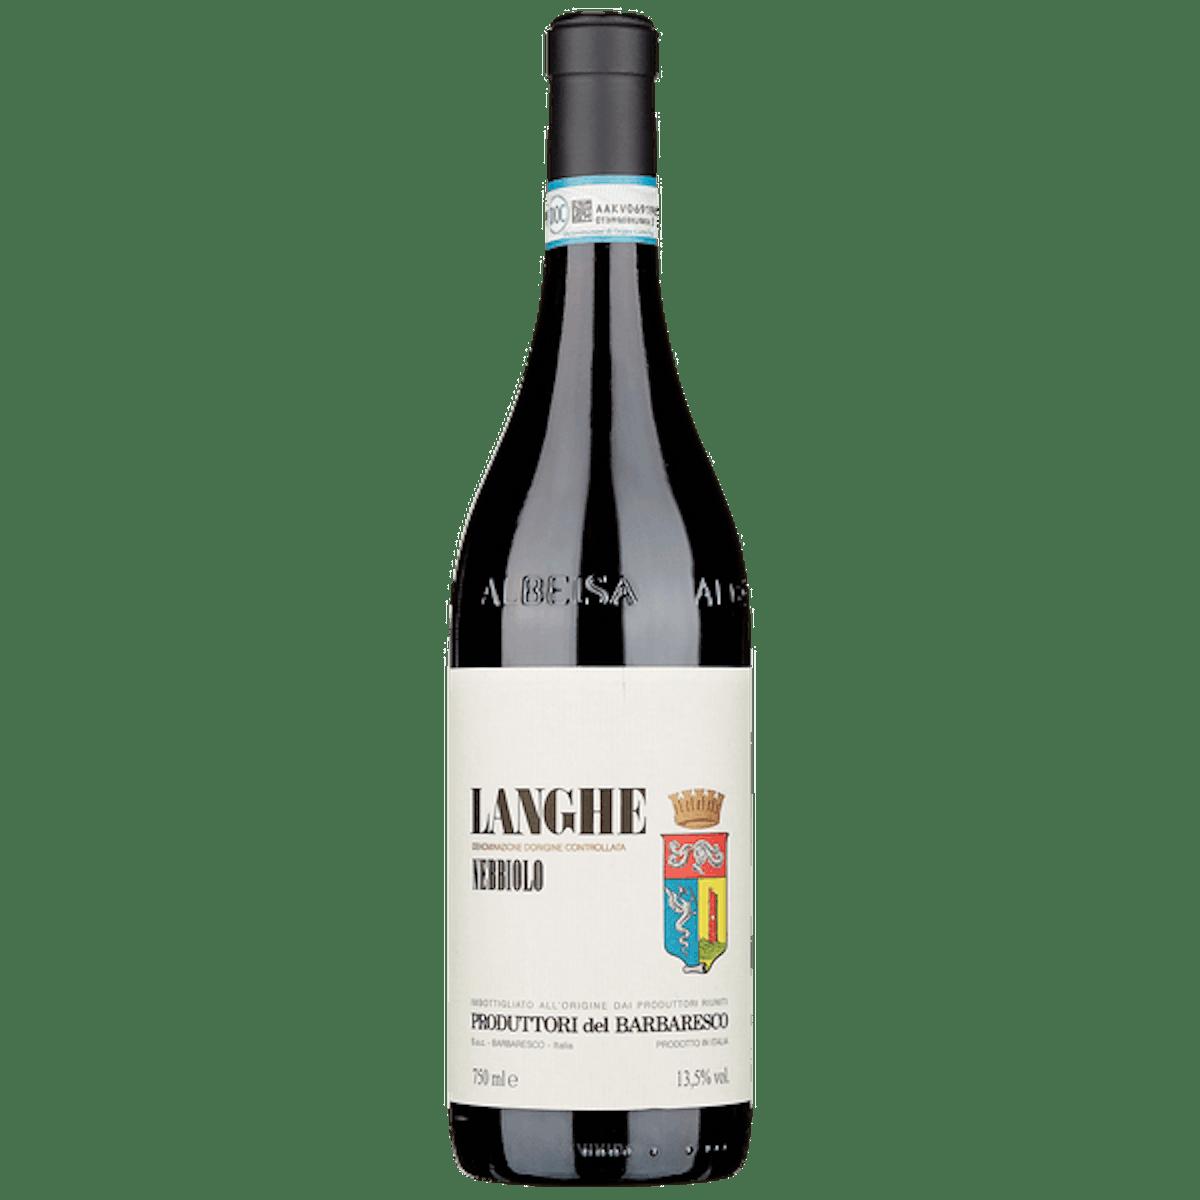 Langhe Nebbiolo, Produttori del Barbaresco